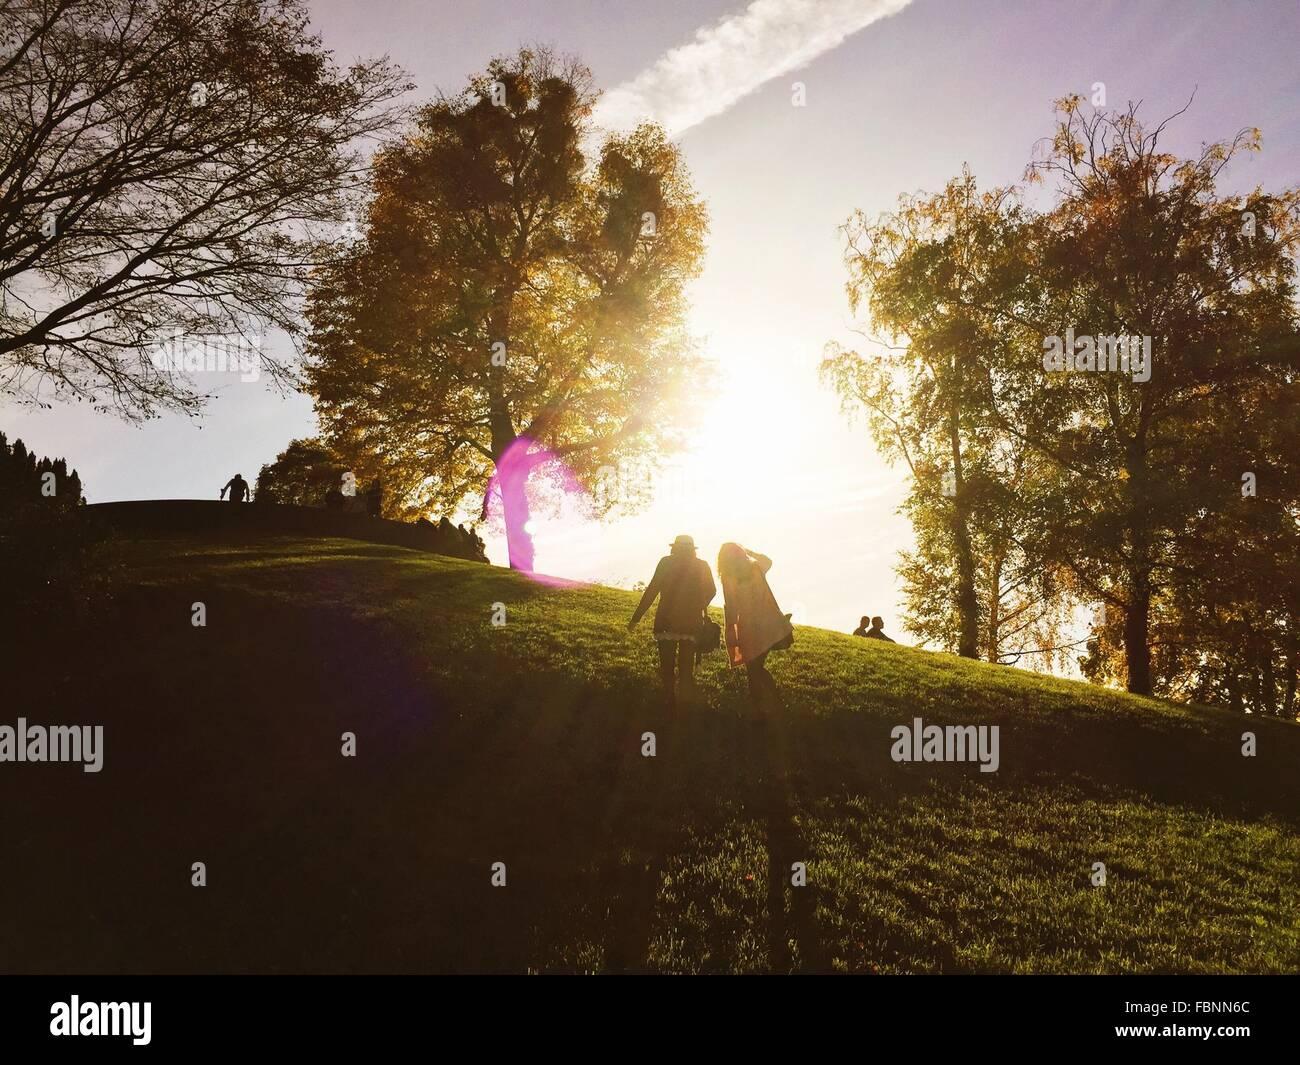 Rückansicht des jungen Freundinnen klettern Hügel im Park Stockbild